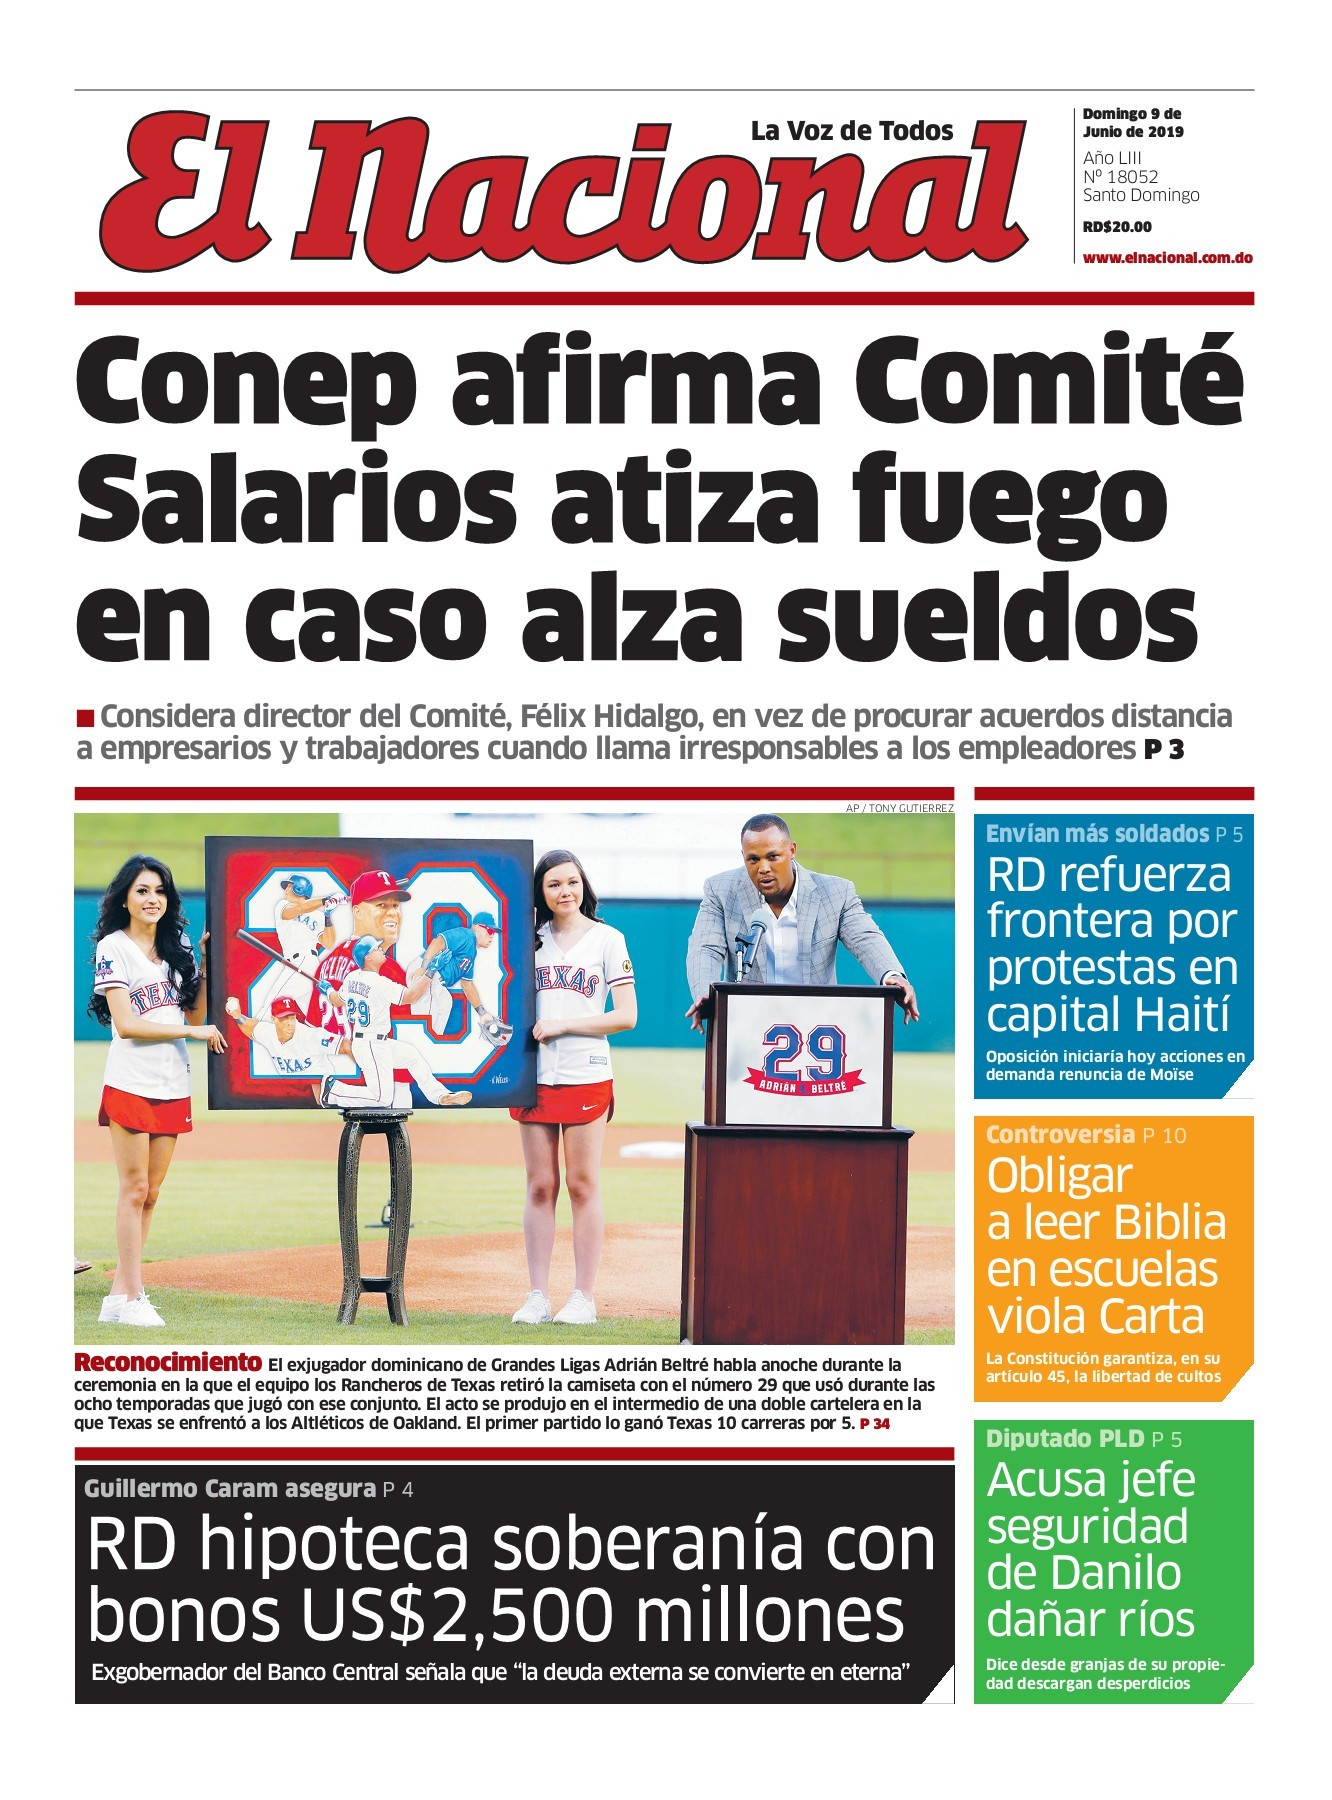 Portada Periódico El Nacional, Domingo 09 Junio 2019